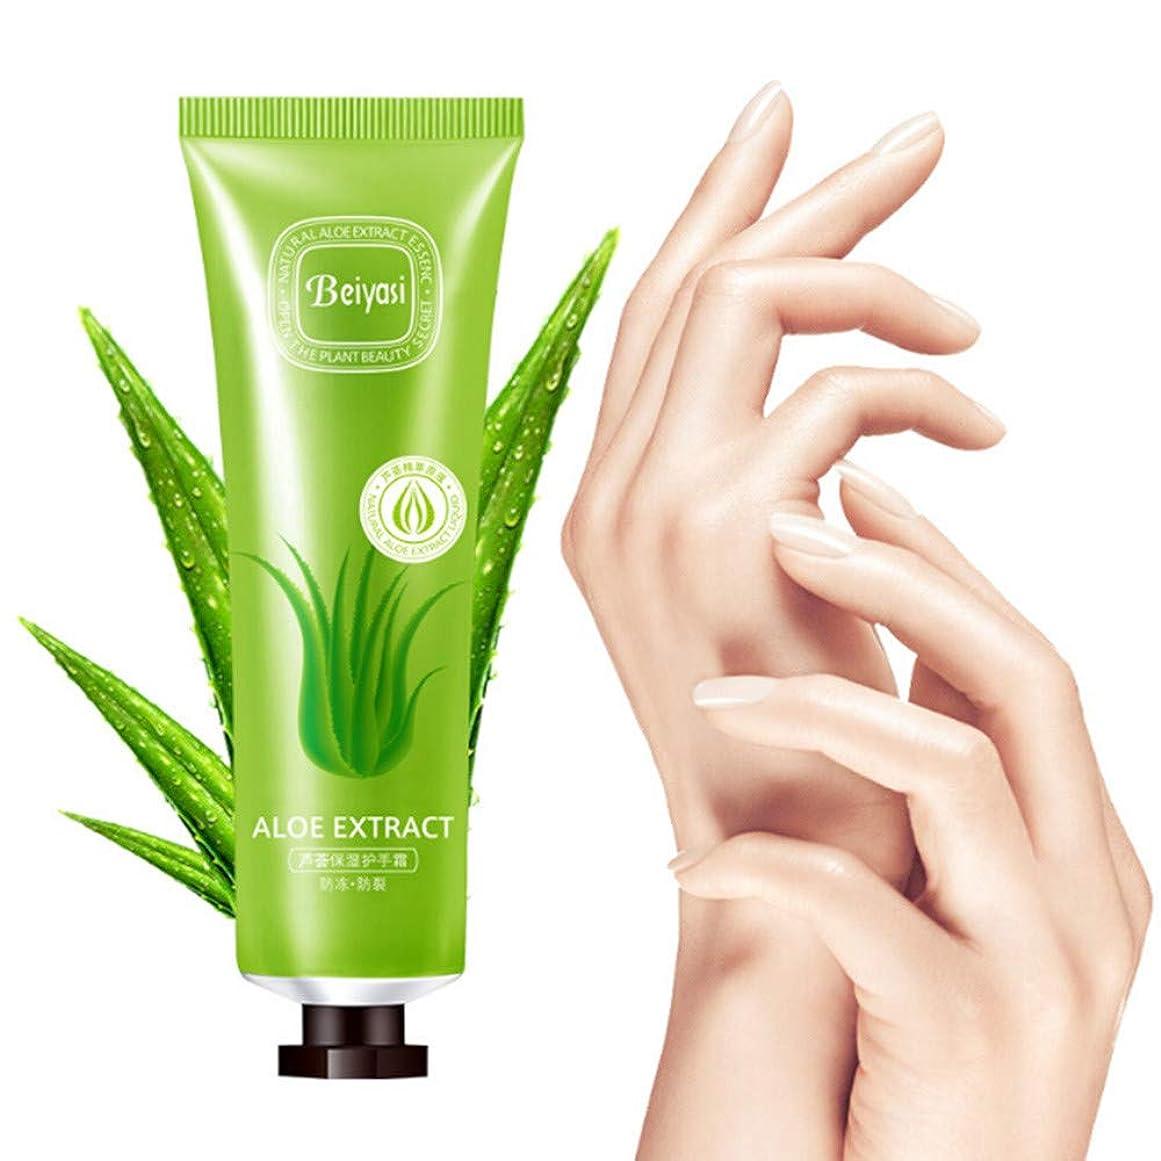 気候不信楽しむハンドクリーム Akane BEIYASI アロエ 潤う 香り 手荒れを防ぐ 保湿 水分 無添加 天然 乾燥肌用 自然 肌荒れ予防 Hand Cream 30g